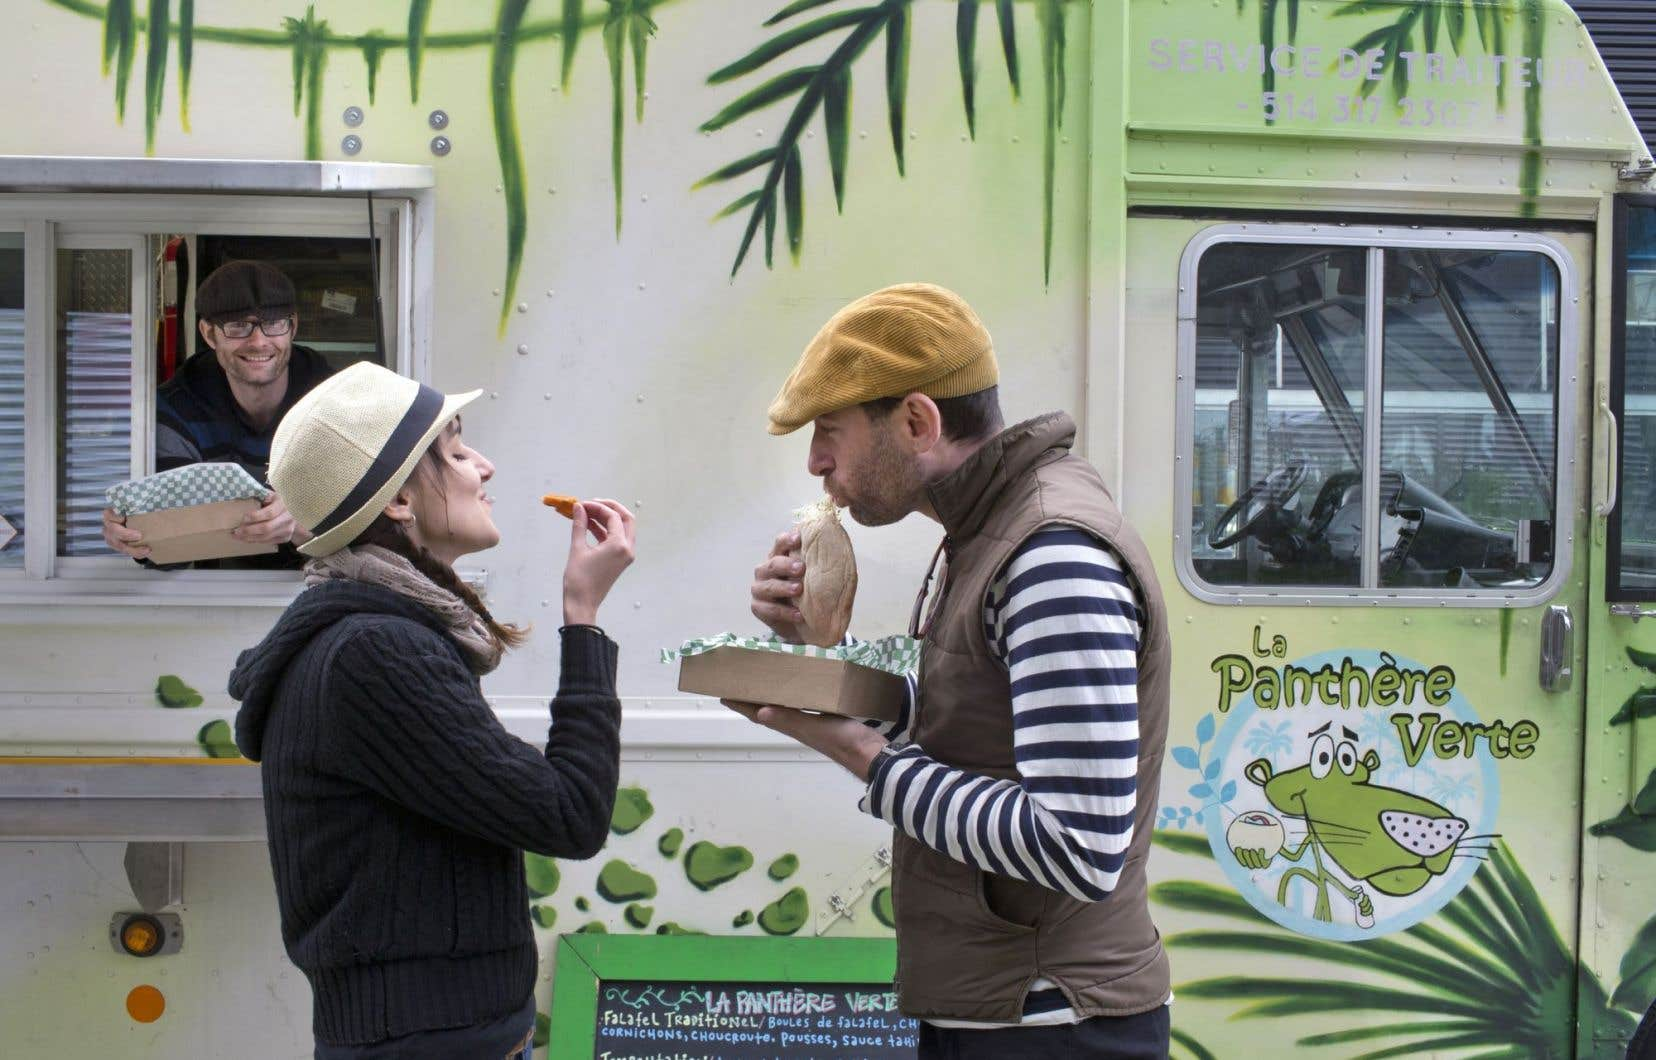 Le camion de rue du restaurant végétalien La Panthère verte, à Montréal.La Ville de Québec tient des consultations en vue de lancer un projet-pilote sur la cuisine de rue l'été prochain.